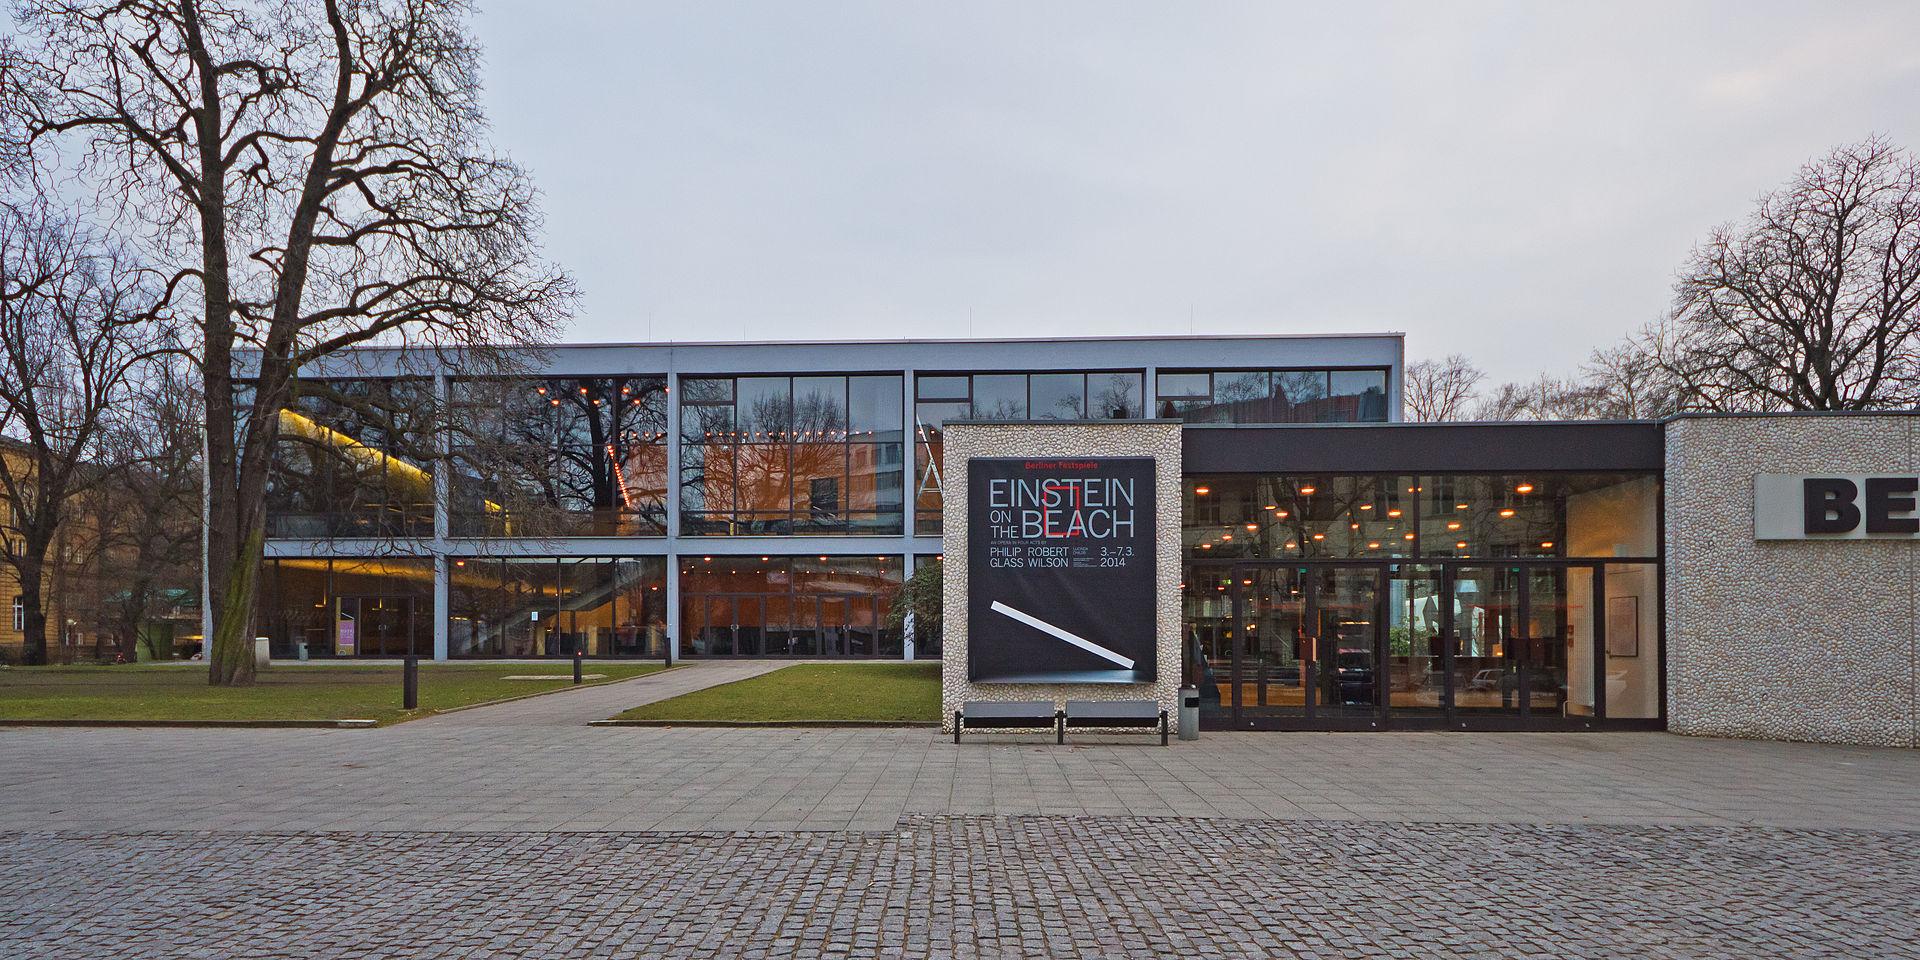 Bild Haus der Berliner Festspiele